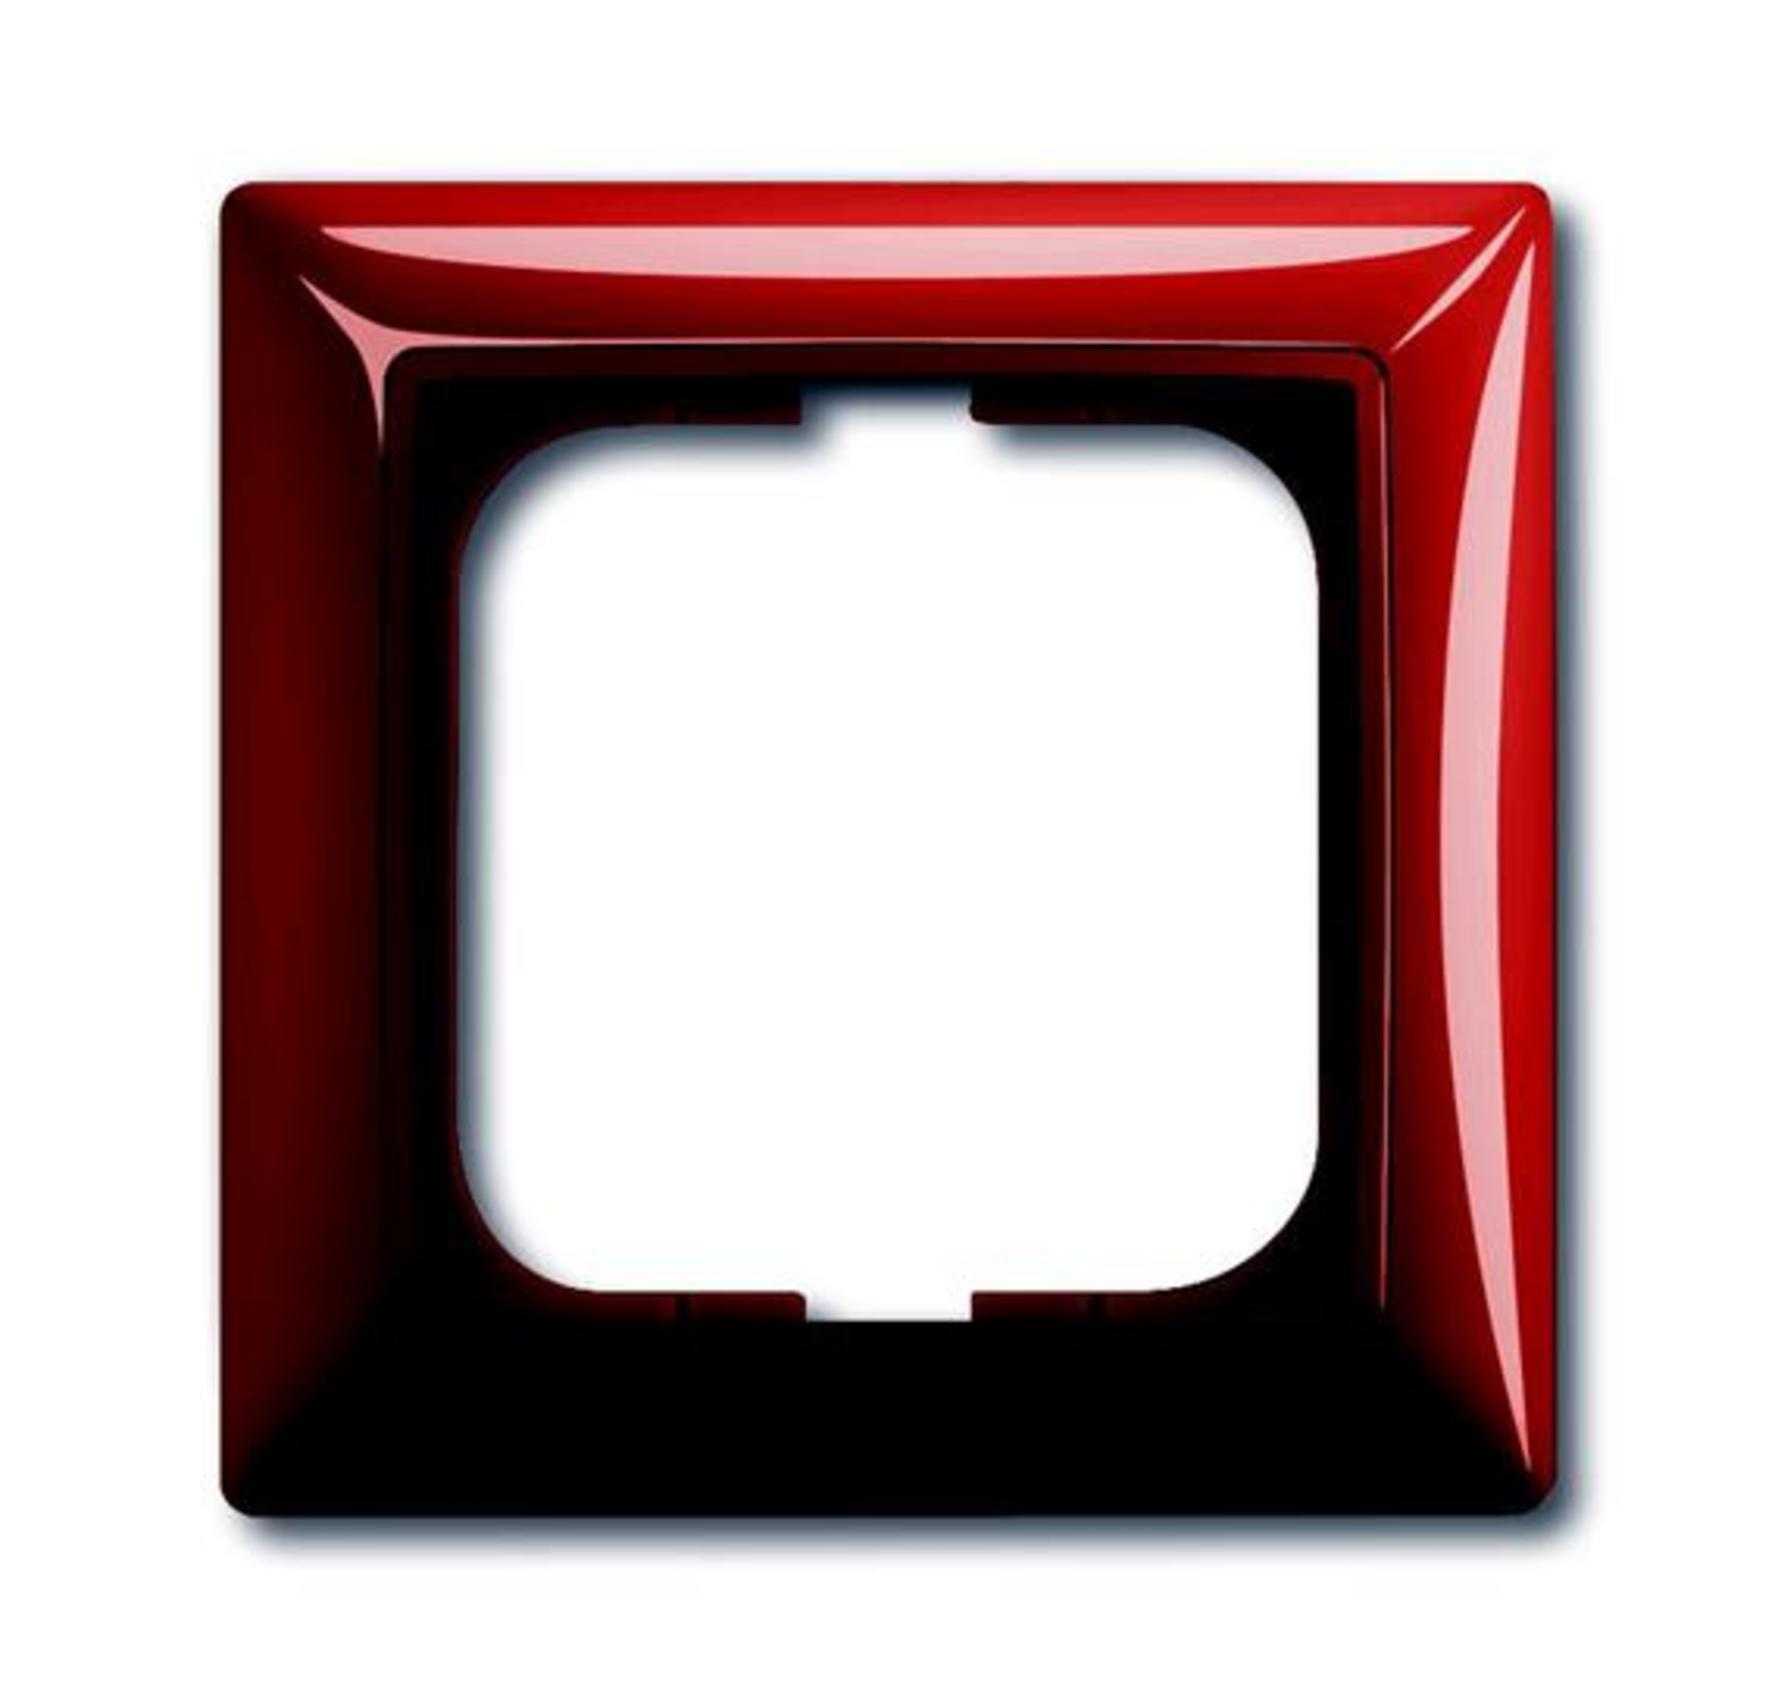 Rámček pre elektroinštalačné prístroje jednonásobný, škoricová